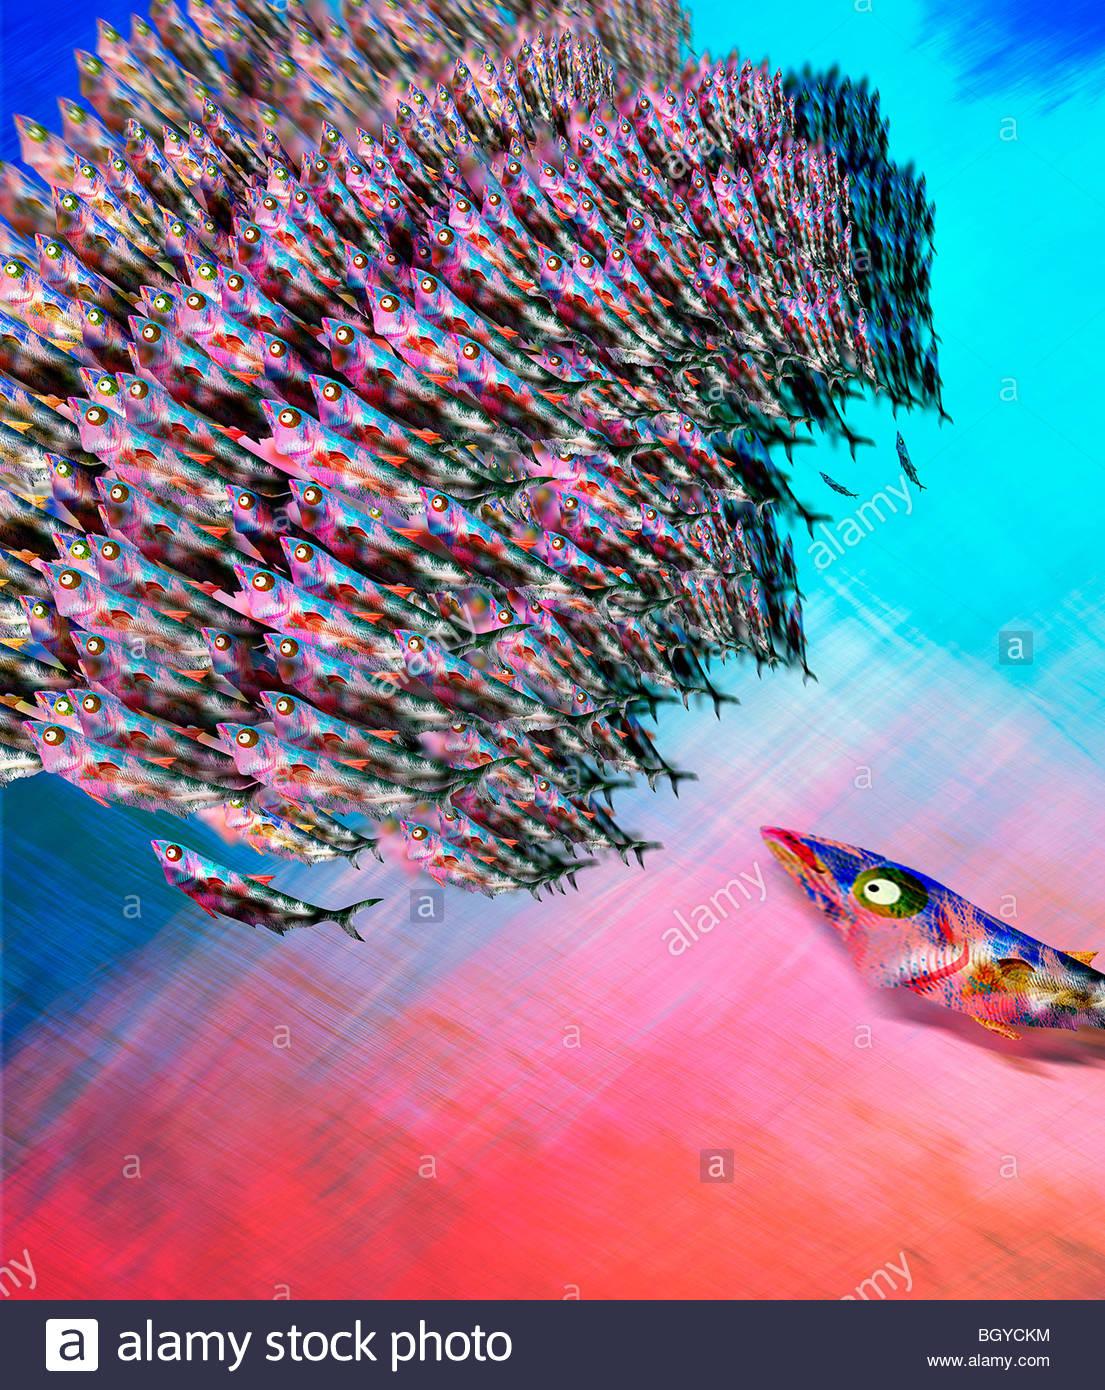 Predador perseguindo escola de peixe Imagens de Stock